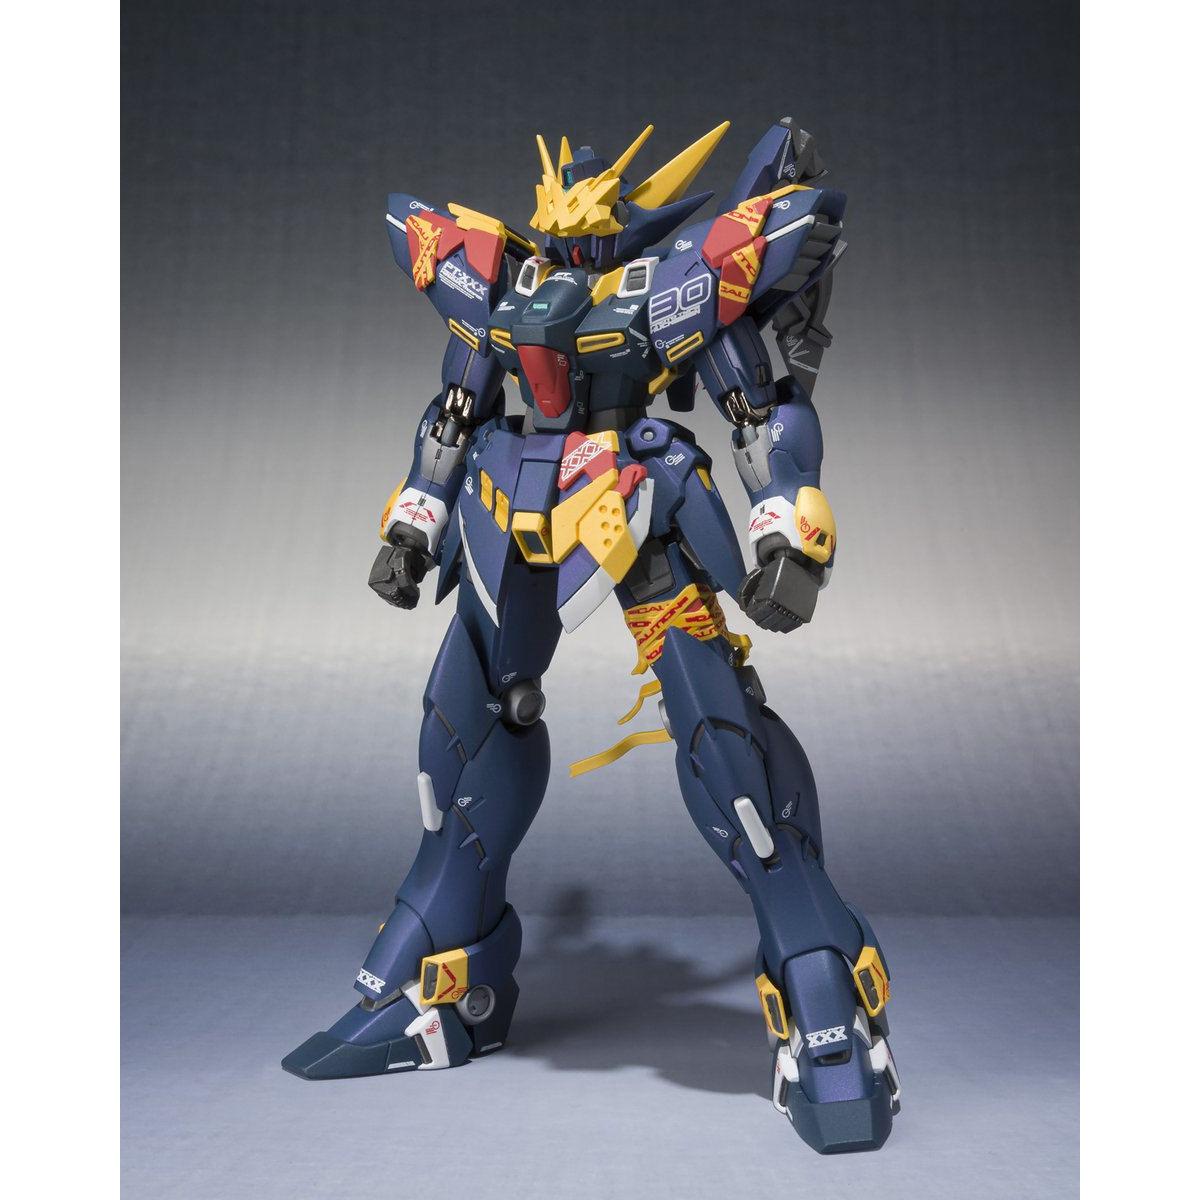 【限定販売】PlayStation4『スーパーロボット大戦30 超限定版』ゲームソフト-002